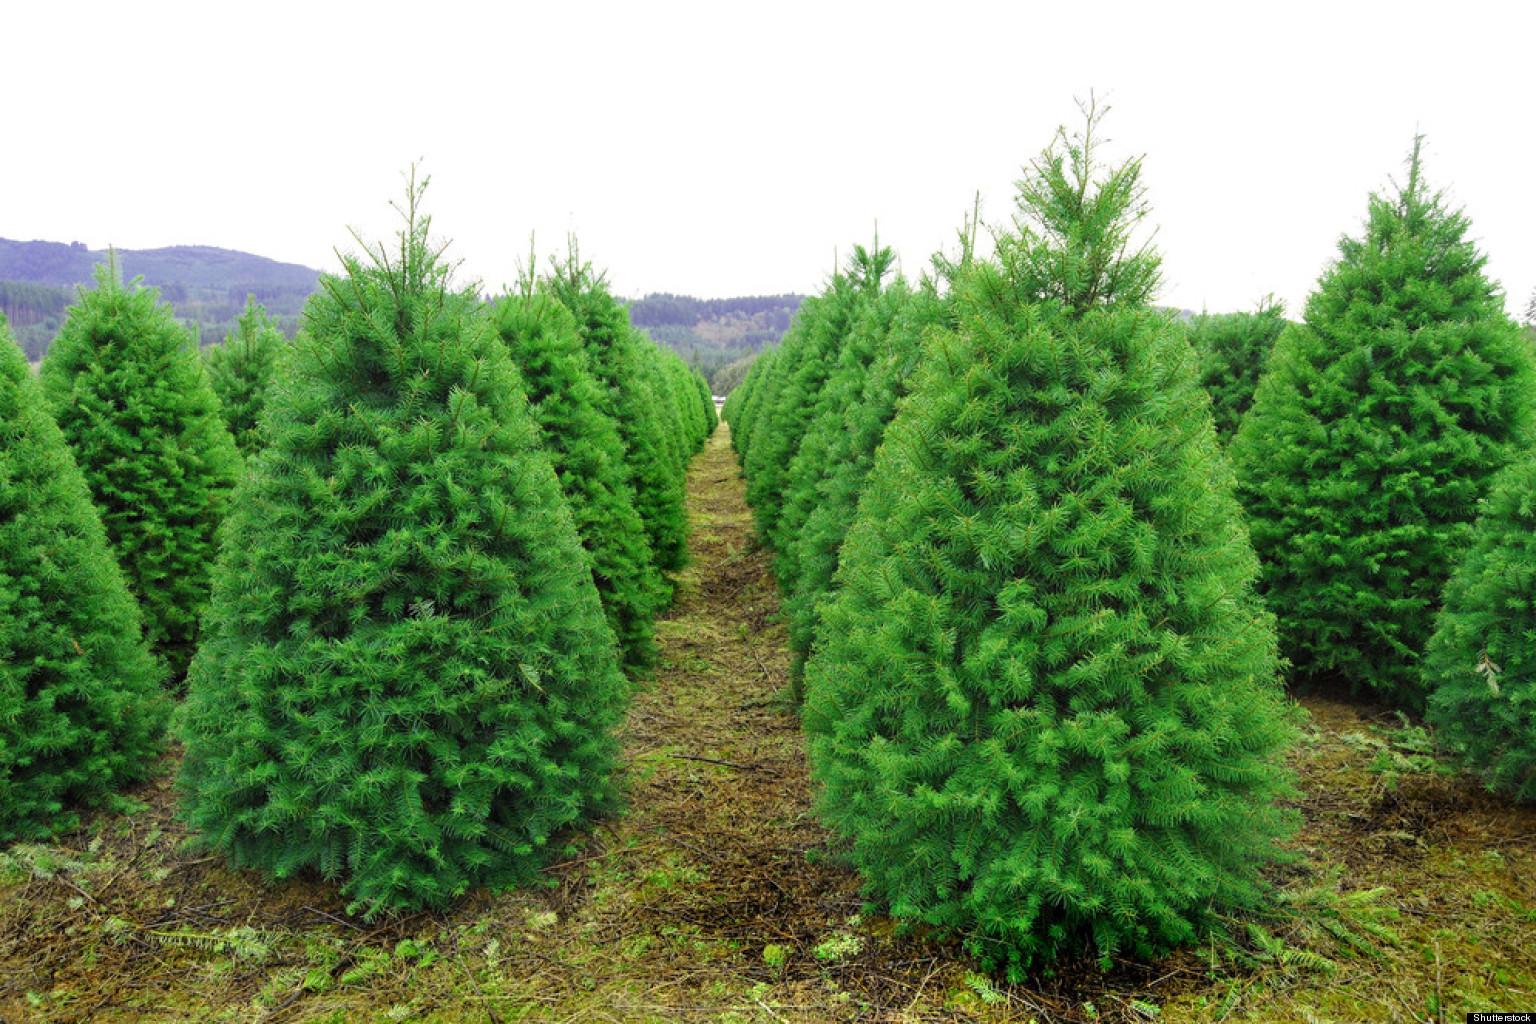 Green Christmas: How To Make Your Christmas Tree More Eco